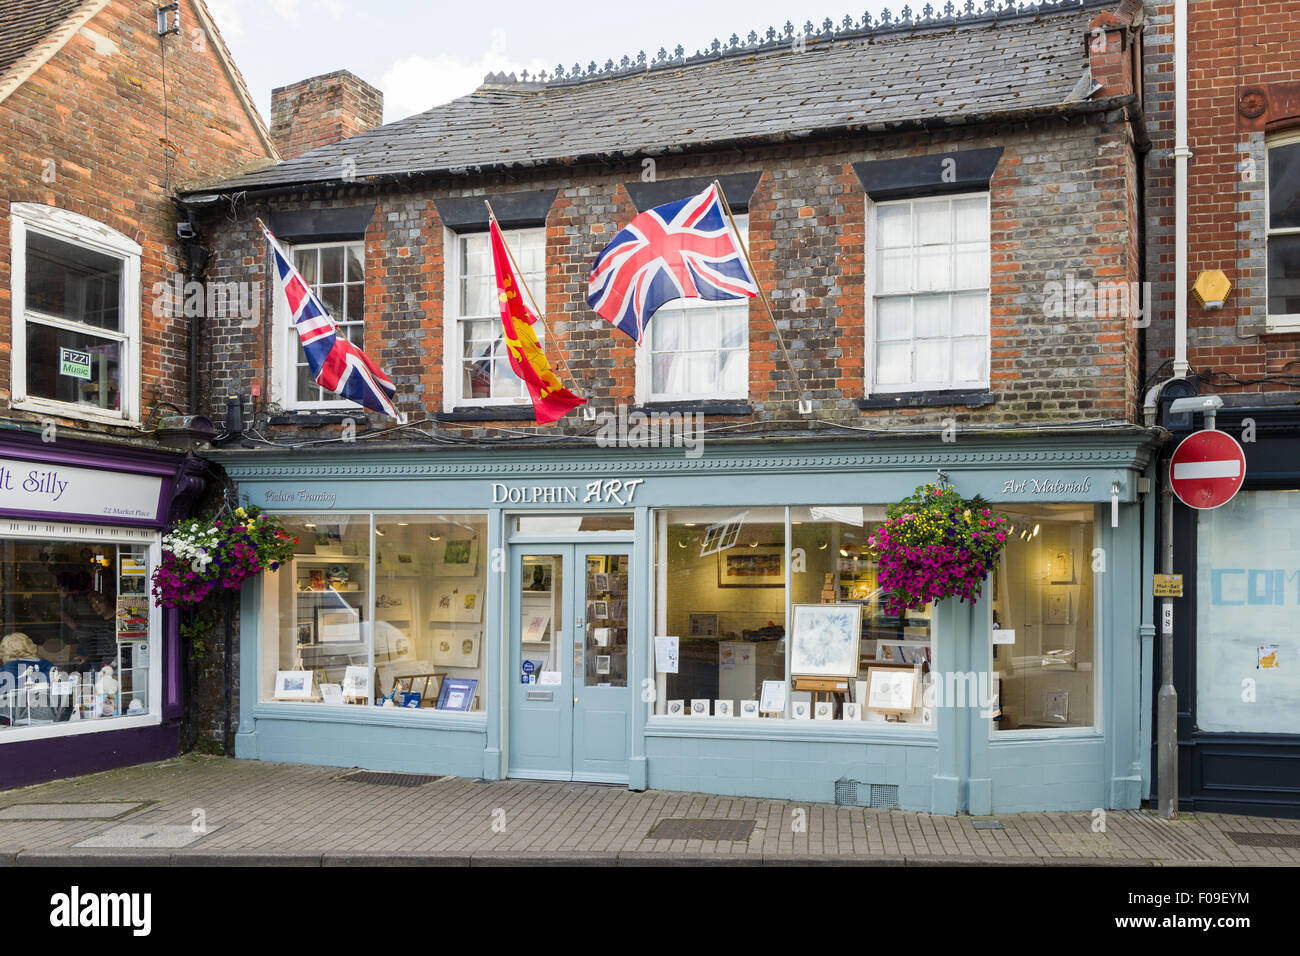 Die Dolphin-Galerie, Marktplatz, Wantage, Oxfordshire, Vereinigtes Königreich. Stockfoto